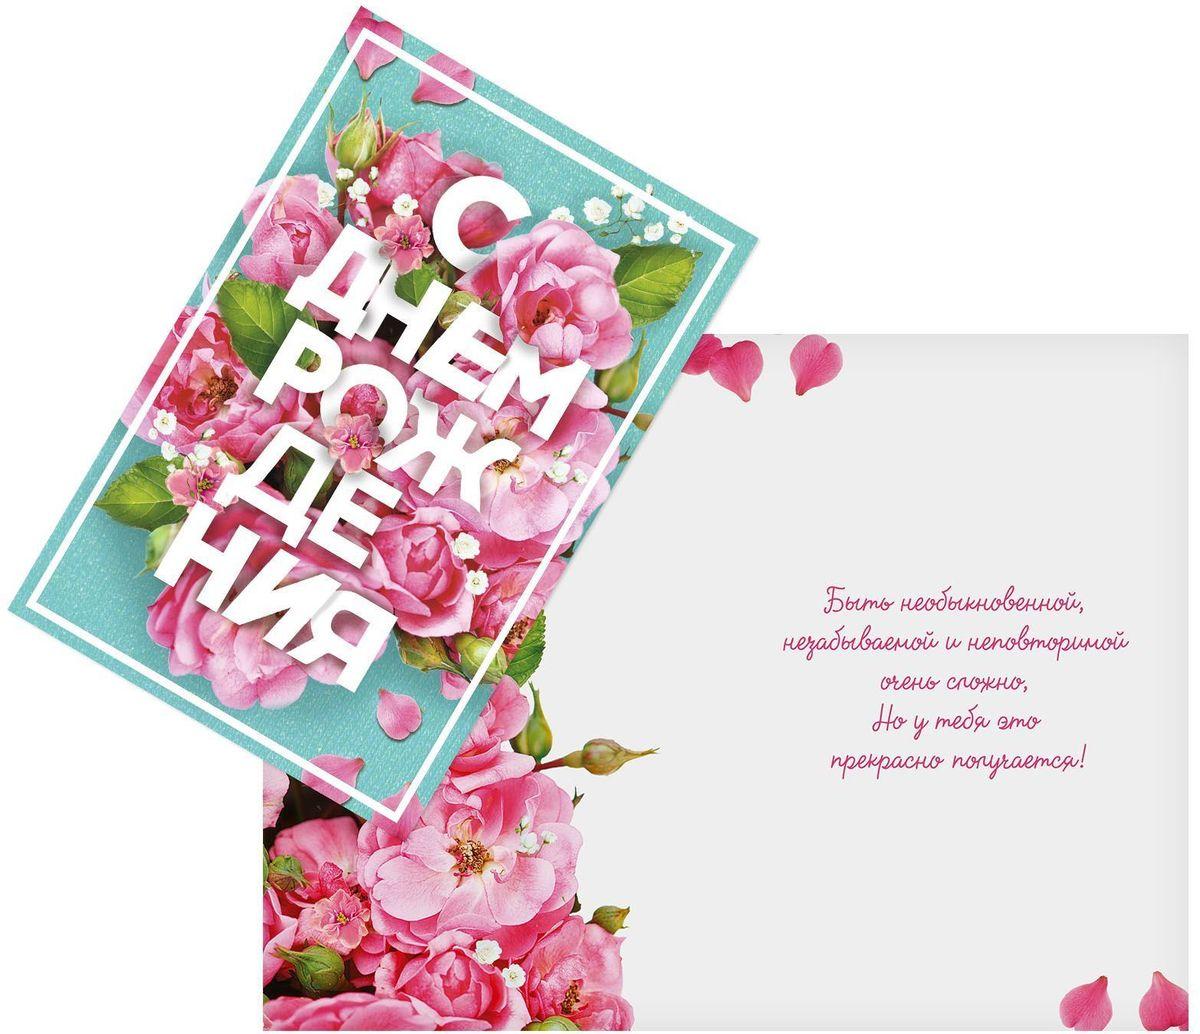 Открытка Дарите cчастье Буквы на цветах, 12 х 18 см433661Атмосферу праздника создают детали: свечи, цветы, бокалы, воздушные шары и поздравительные открытки — яркие и весёлые, романтичные и нежные, милые и трогательные. Расскажите о своих чувствах дорогому для вас человеку, поделитесь радостью с близкими и друзьями. Открытка с креативным дизайном вам в этом поможет.